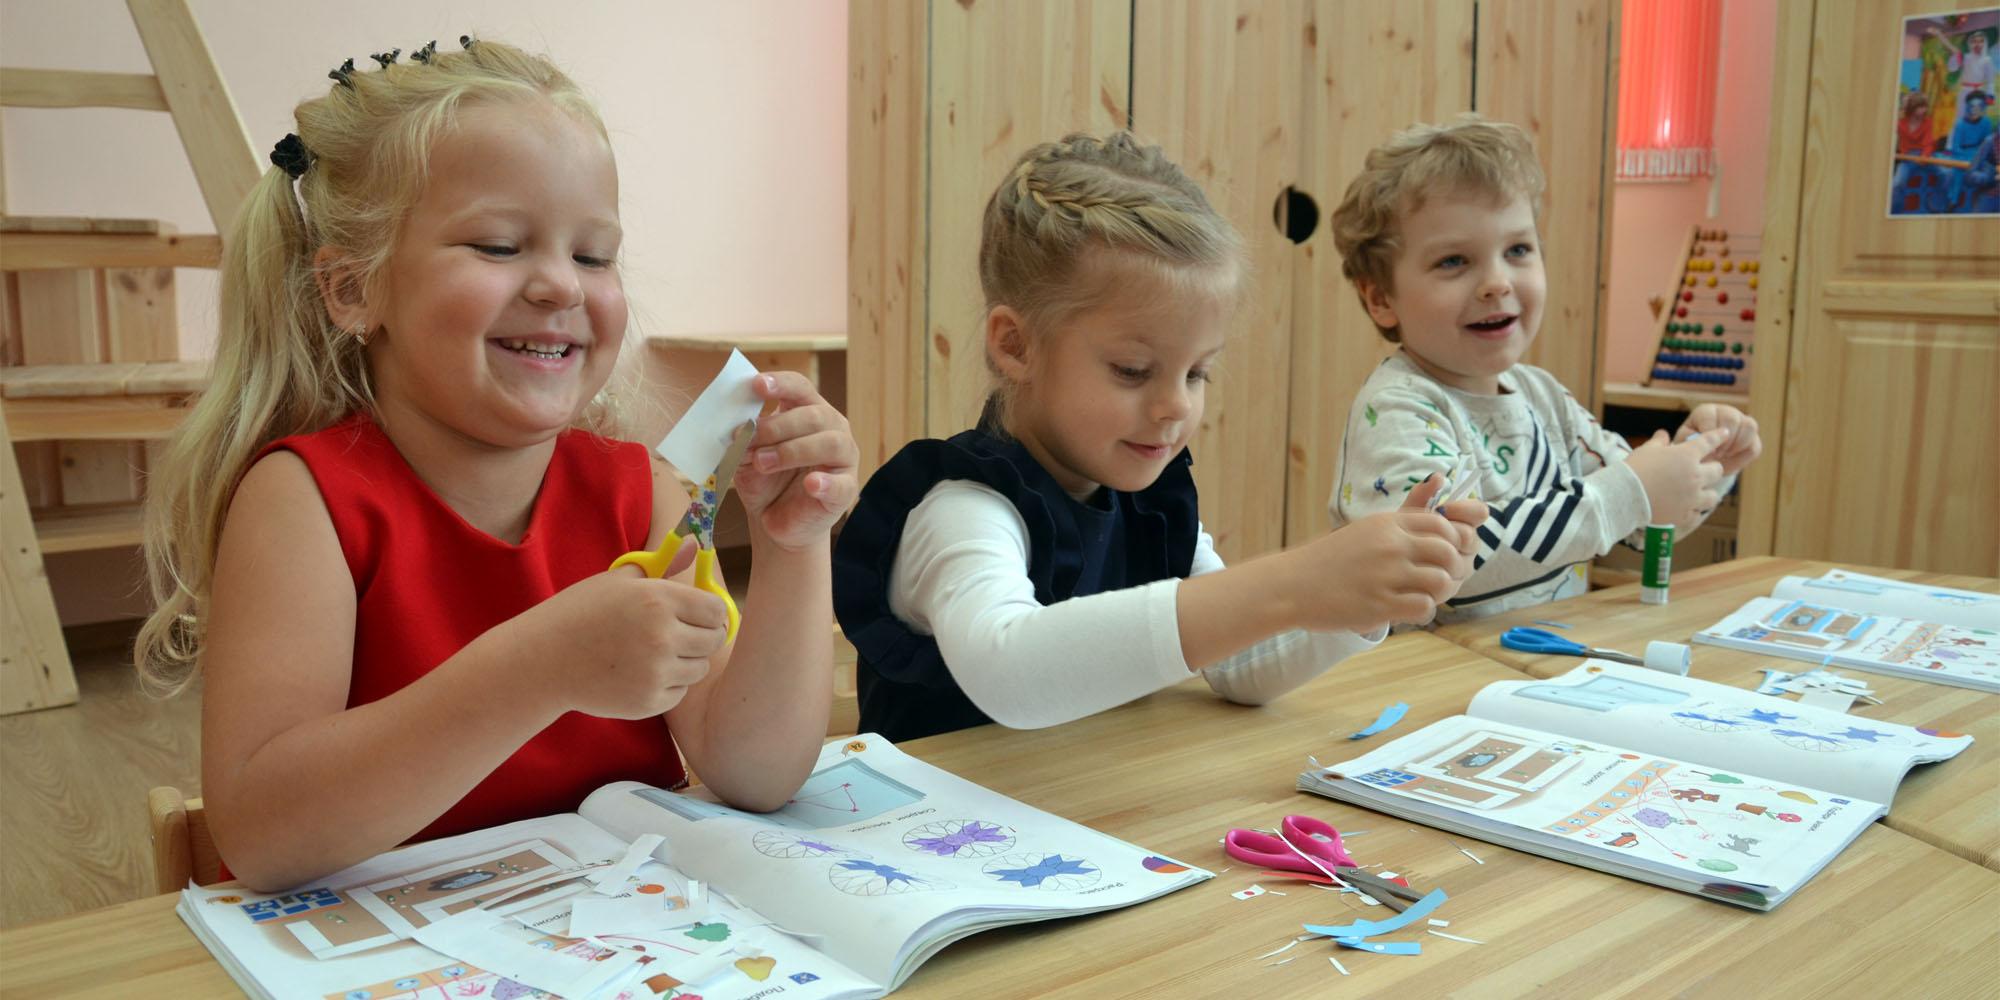 Продолжаем набор в подготовительный класс начальной школы «нулевку»